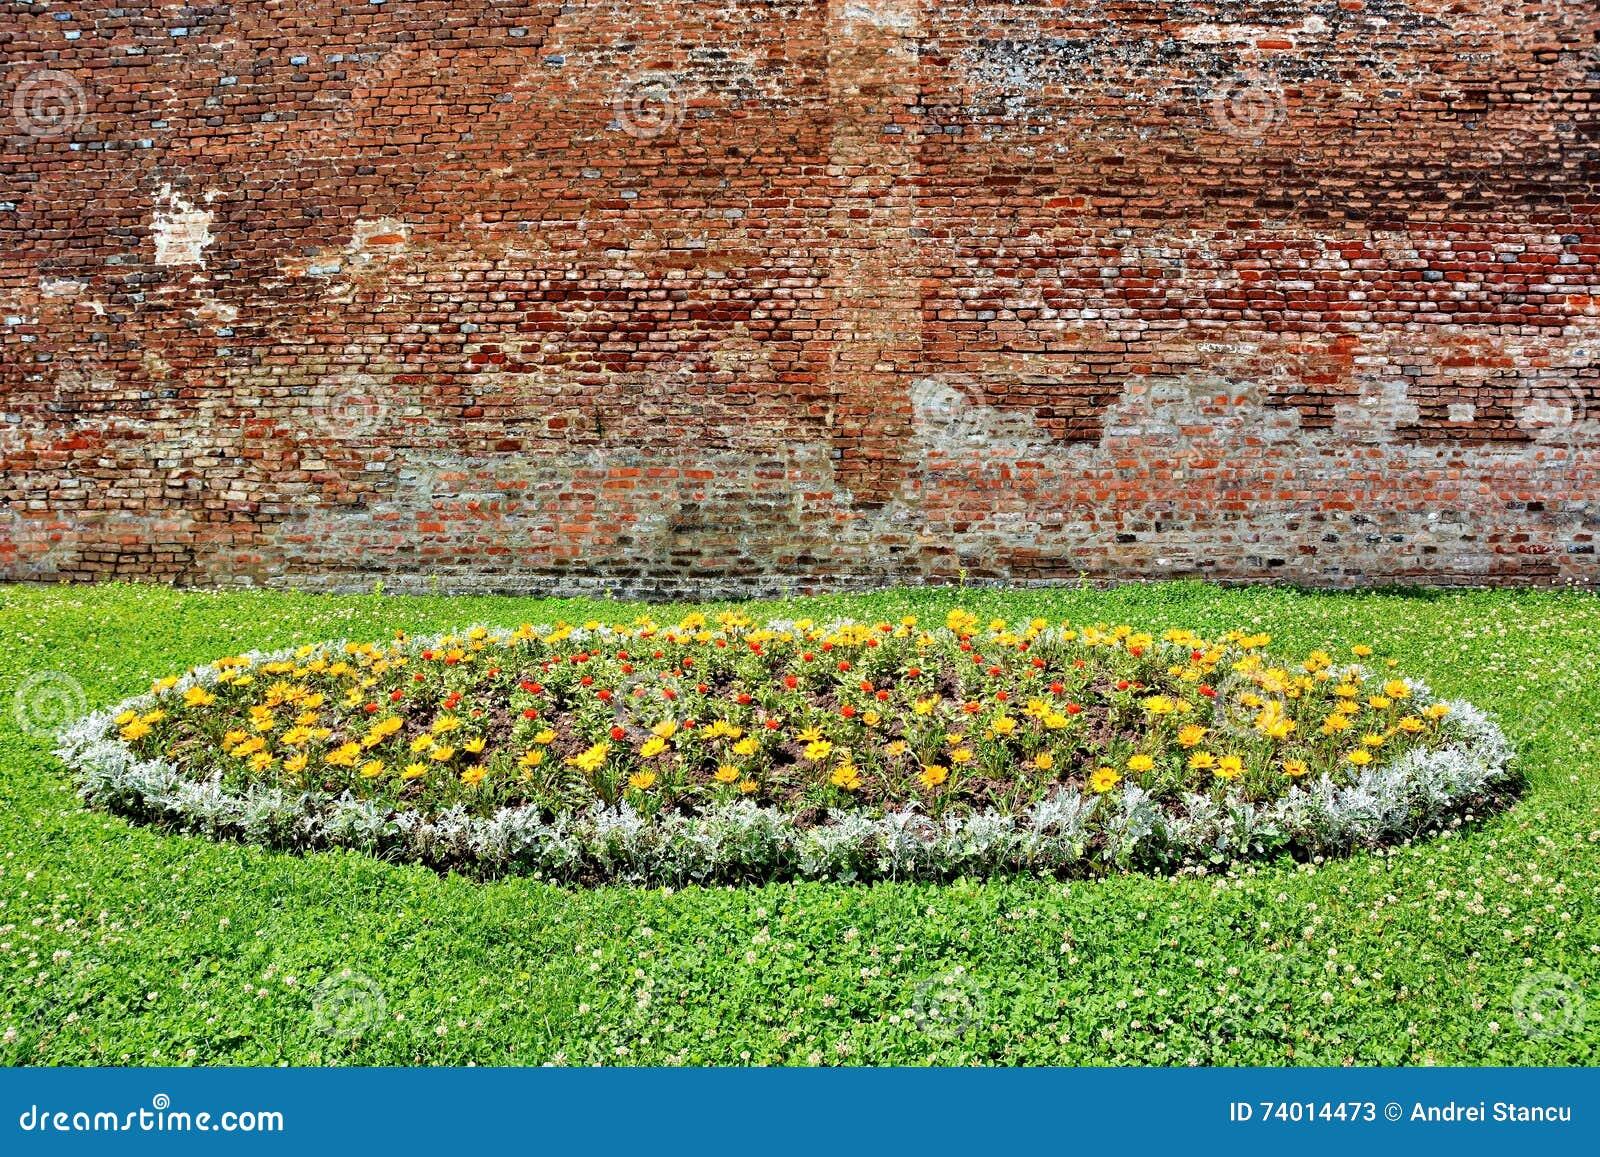 Bakstenen Muur Tuin : Tuin en bakstenen muur stock afbeelding. afbeelding bestaande uit